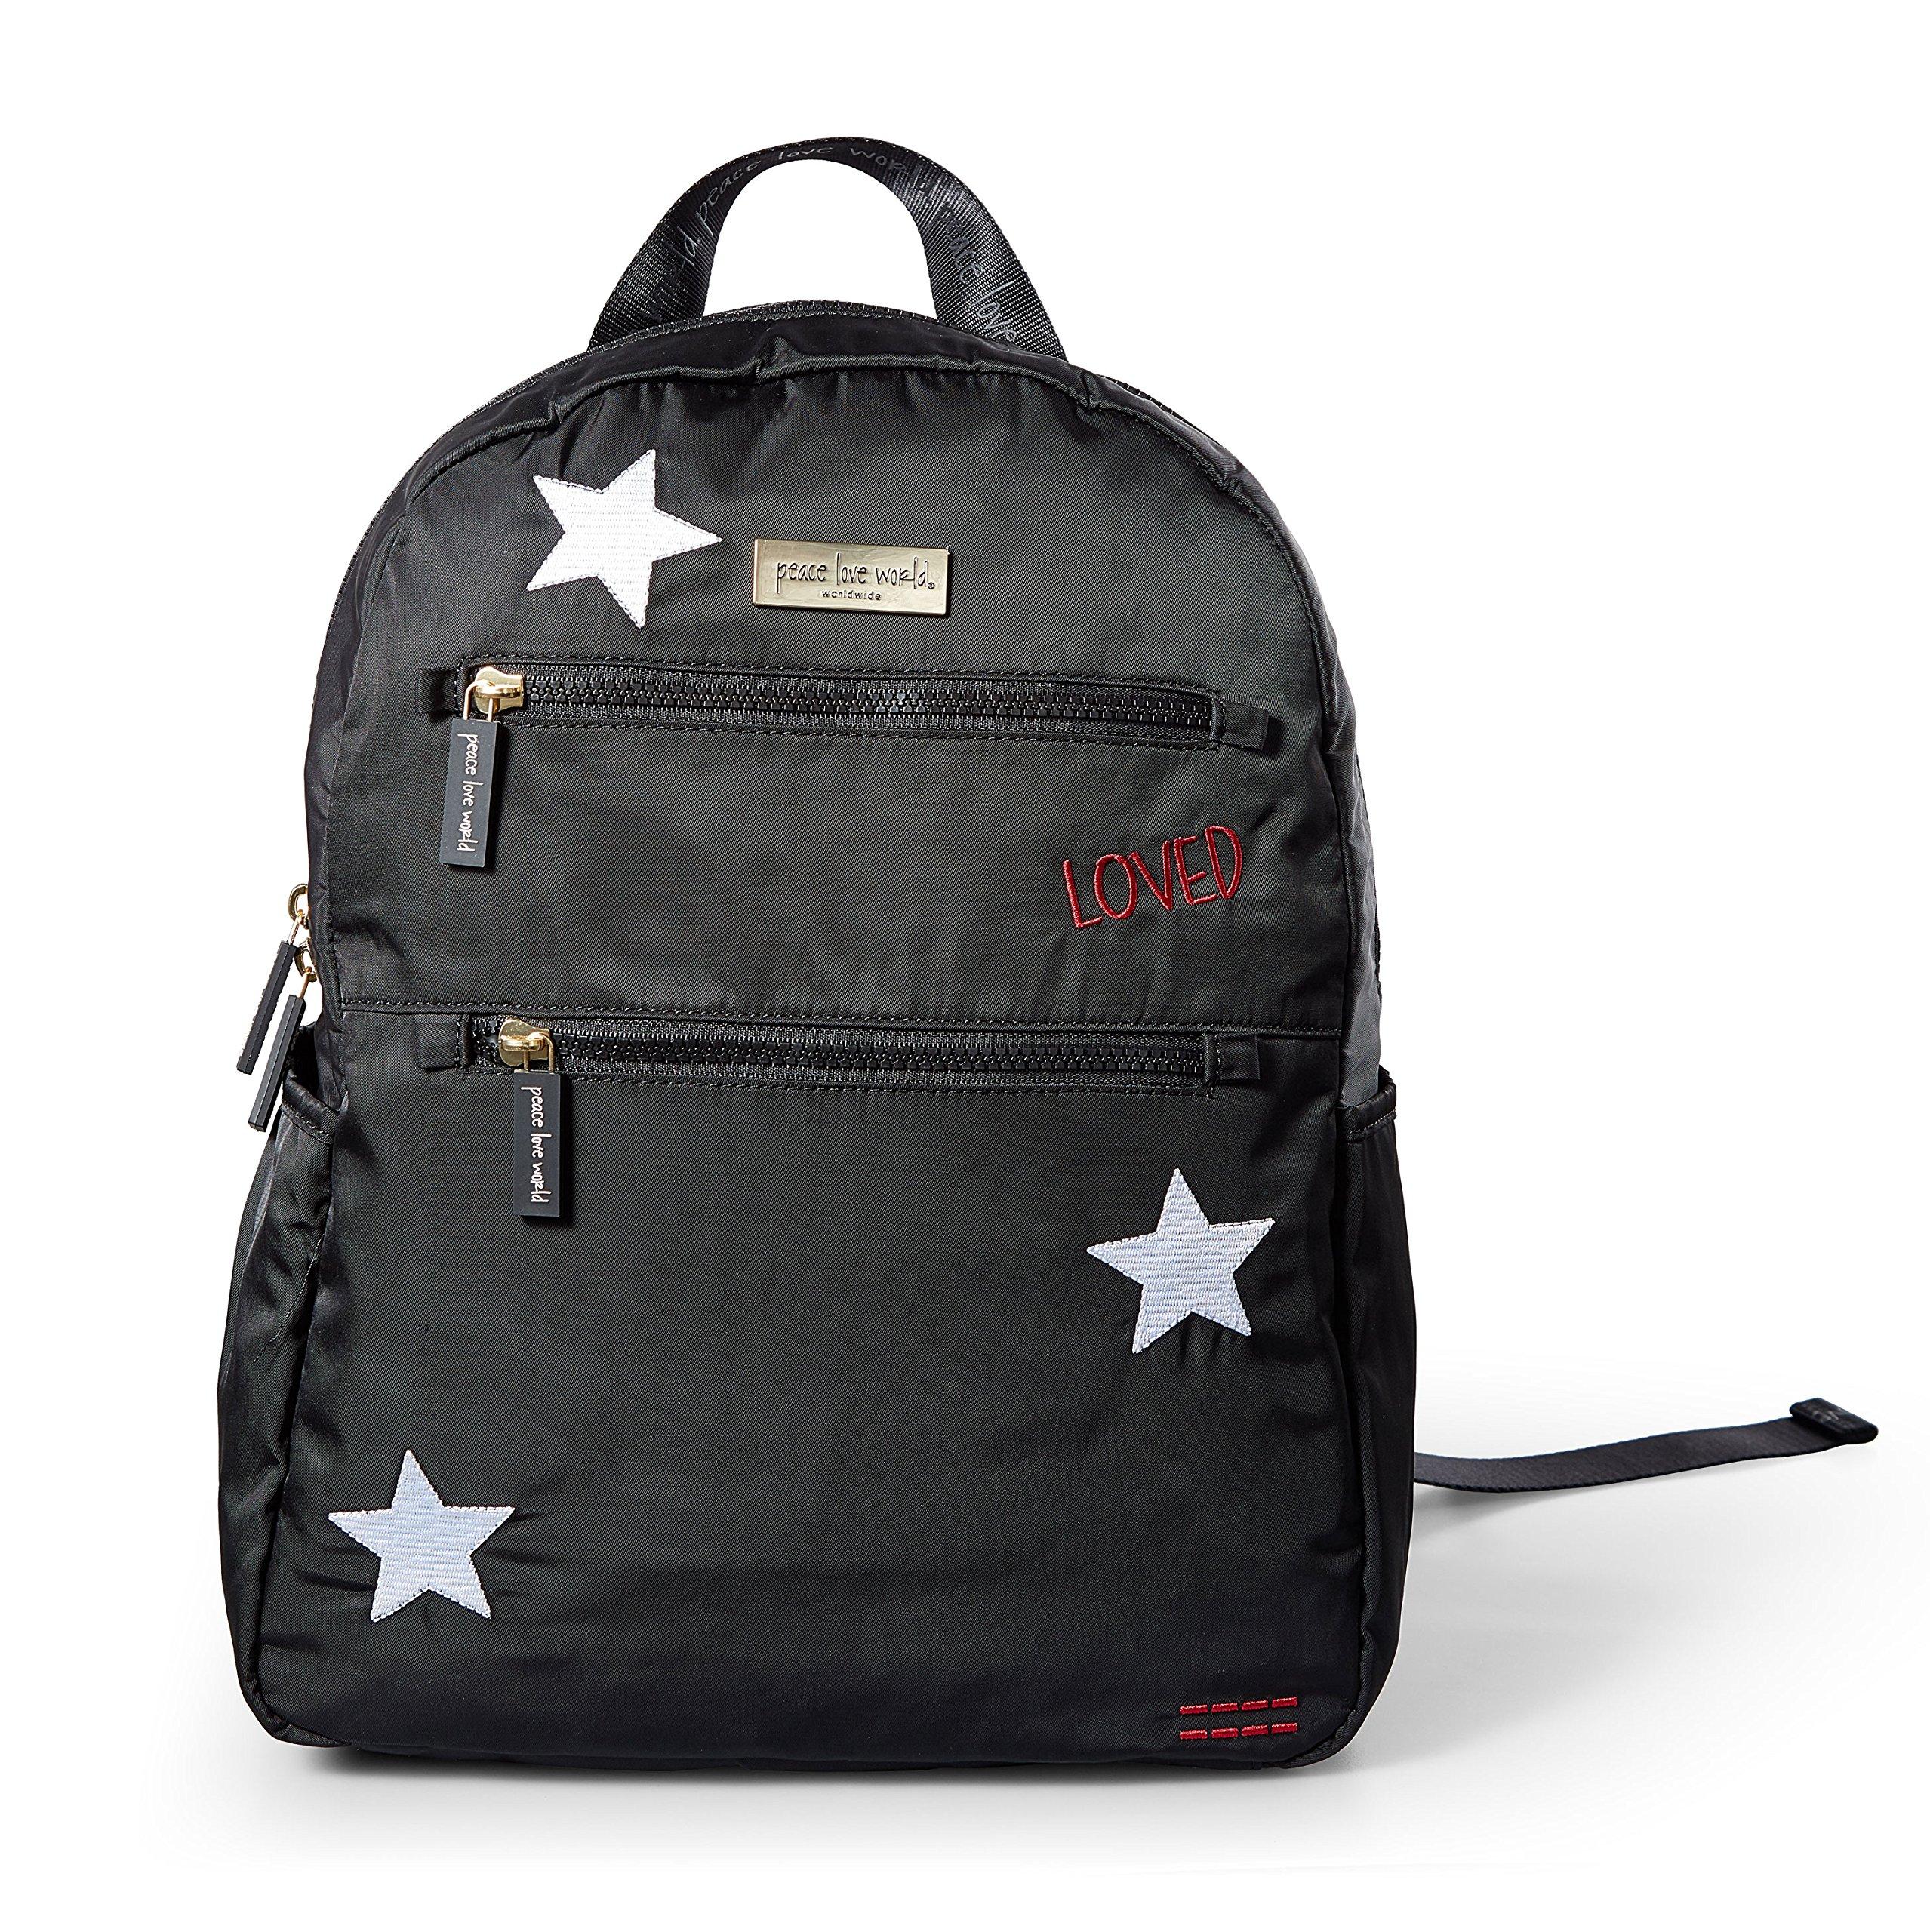 Peace Love World Diaper Bag Backpack 03 PLW202 Black